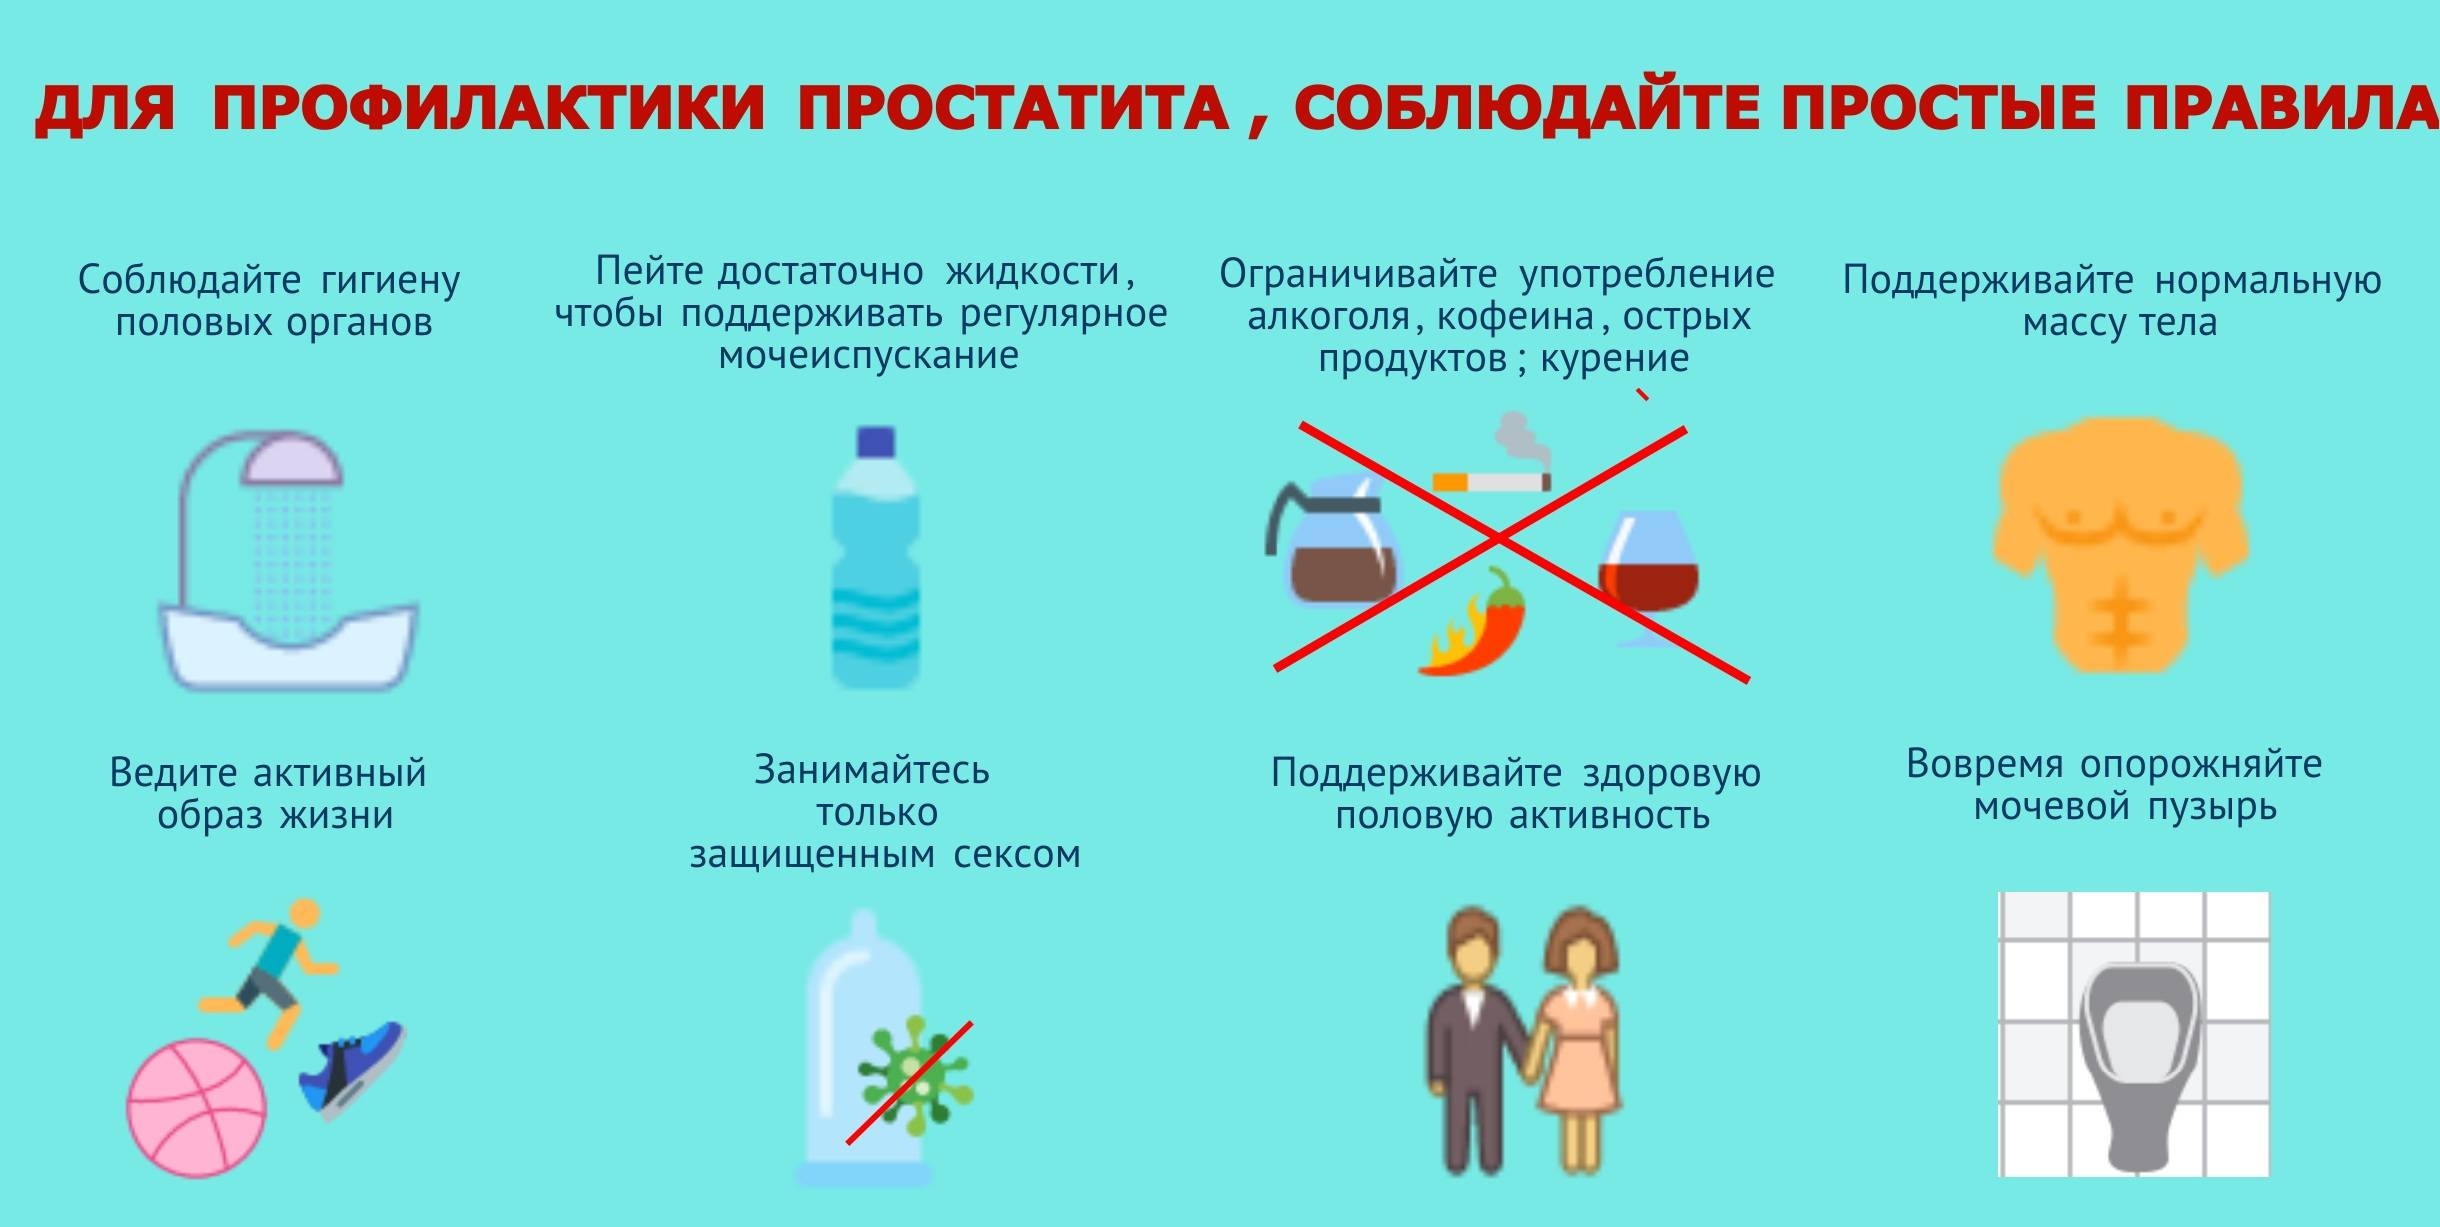 Профилактика для простатита простатит и физ нагрузки